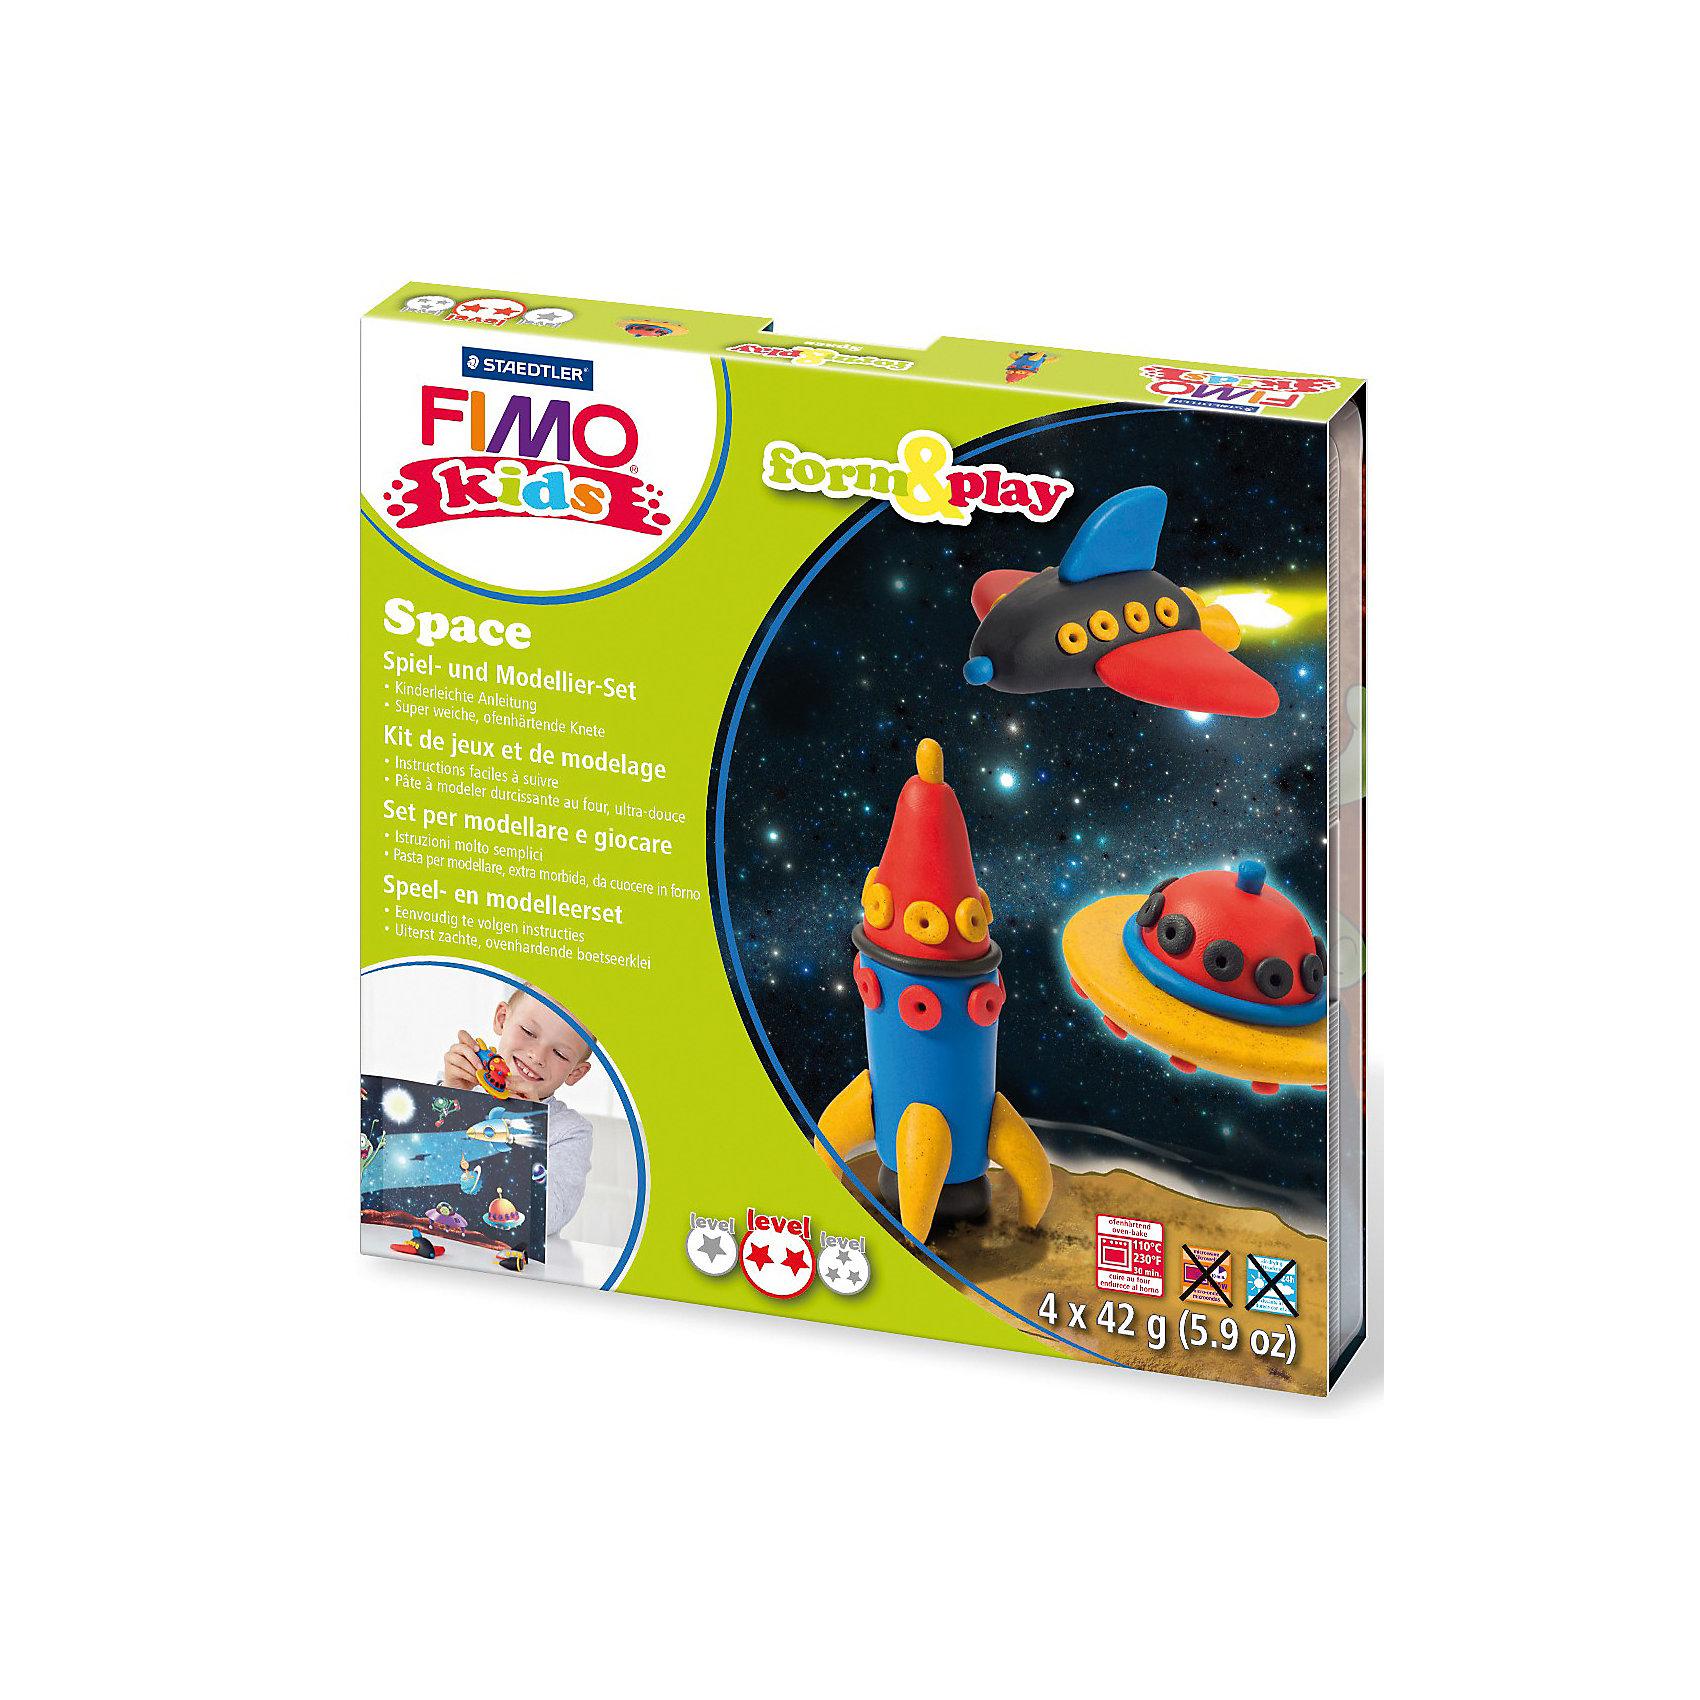 Набор для создания украшений КосмосЛепка<br>Серия Form&amp;play представляет собой сочетание моделирование и игры. Основная концепция включает простые и хорошо понятные формы, инструкции в соответствии с уровнем сложности и полимерную глину, разработанную специально для детей. Игровая фоновая сцена, изображенная на внутренней стороне упаковки, не только доставит дополнительное удовольствие от игры, но и вдохновит на новые идеи моделирования.<br>FIMO kids form&amp;play детский набор Космос - содержит: 4 блока по 42 г (красный, синий, черный, блестящий золотой), стек для моделирования, пошаговые инструкции, игровая сцена. Уровень сложности 2.<br><br>Ширина мм: 158<br>Глубина мм: 157<br>Высота мм: 22<br>Вес г: 255<br>Возраст от месяцев: 60<br>Возраст до месяцев: 96<br>Пол: Унисекс<br>Возраст: Детский<br>SKU: 3608630